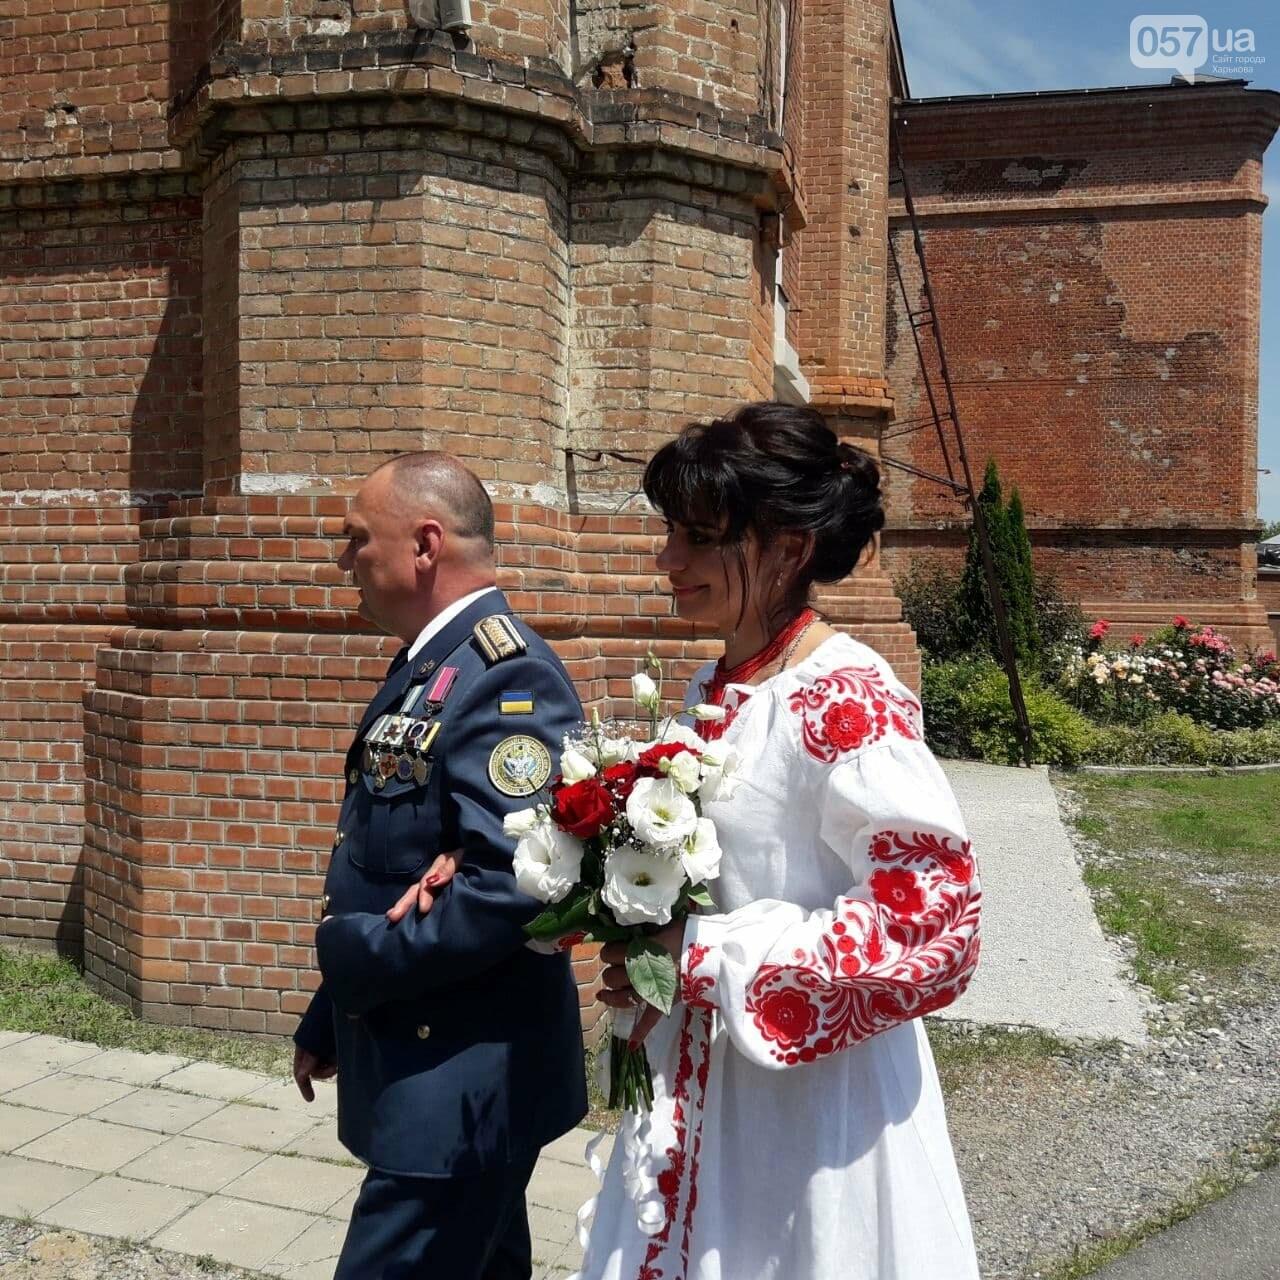 Гарнизоны, война и любовь: в Харькове «Киборг», оборонявший Донецкий аэропорт, обвенчался с супругой после 25 лет брака, - ФОТО, фото-3